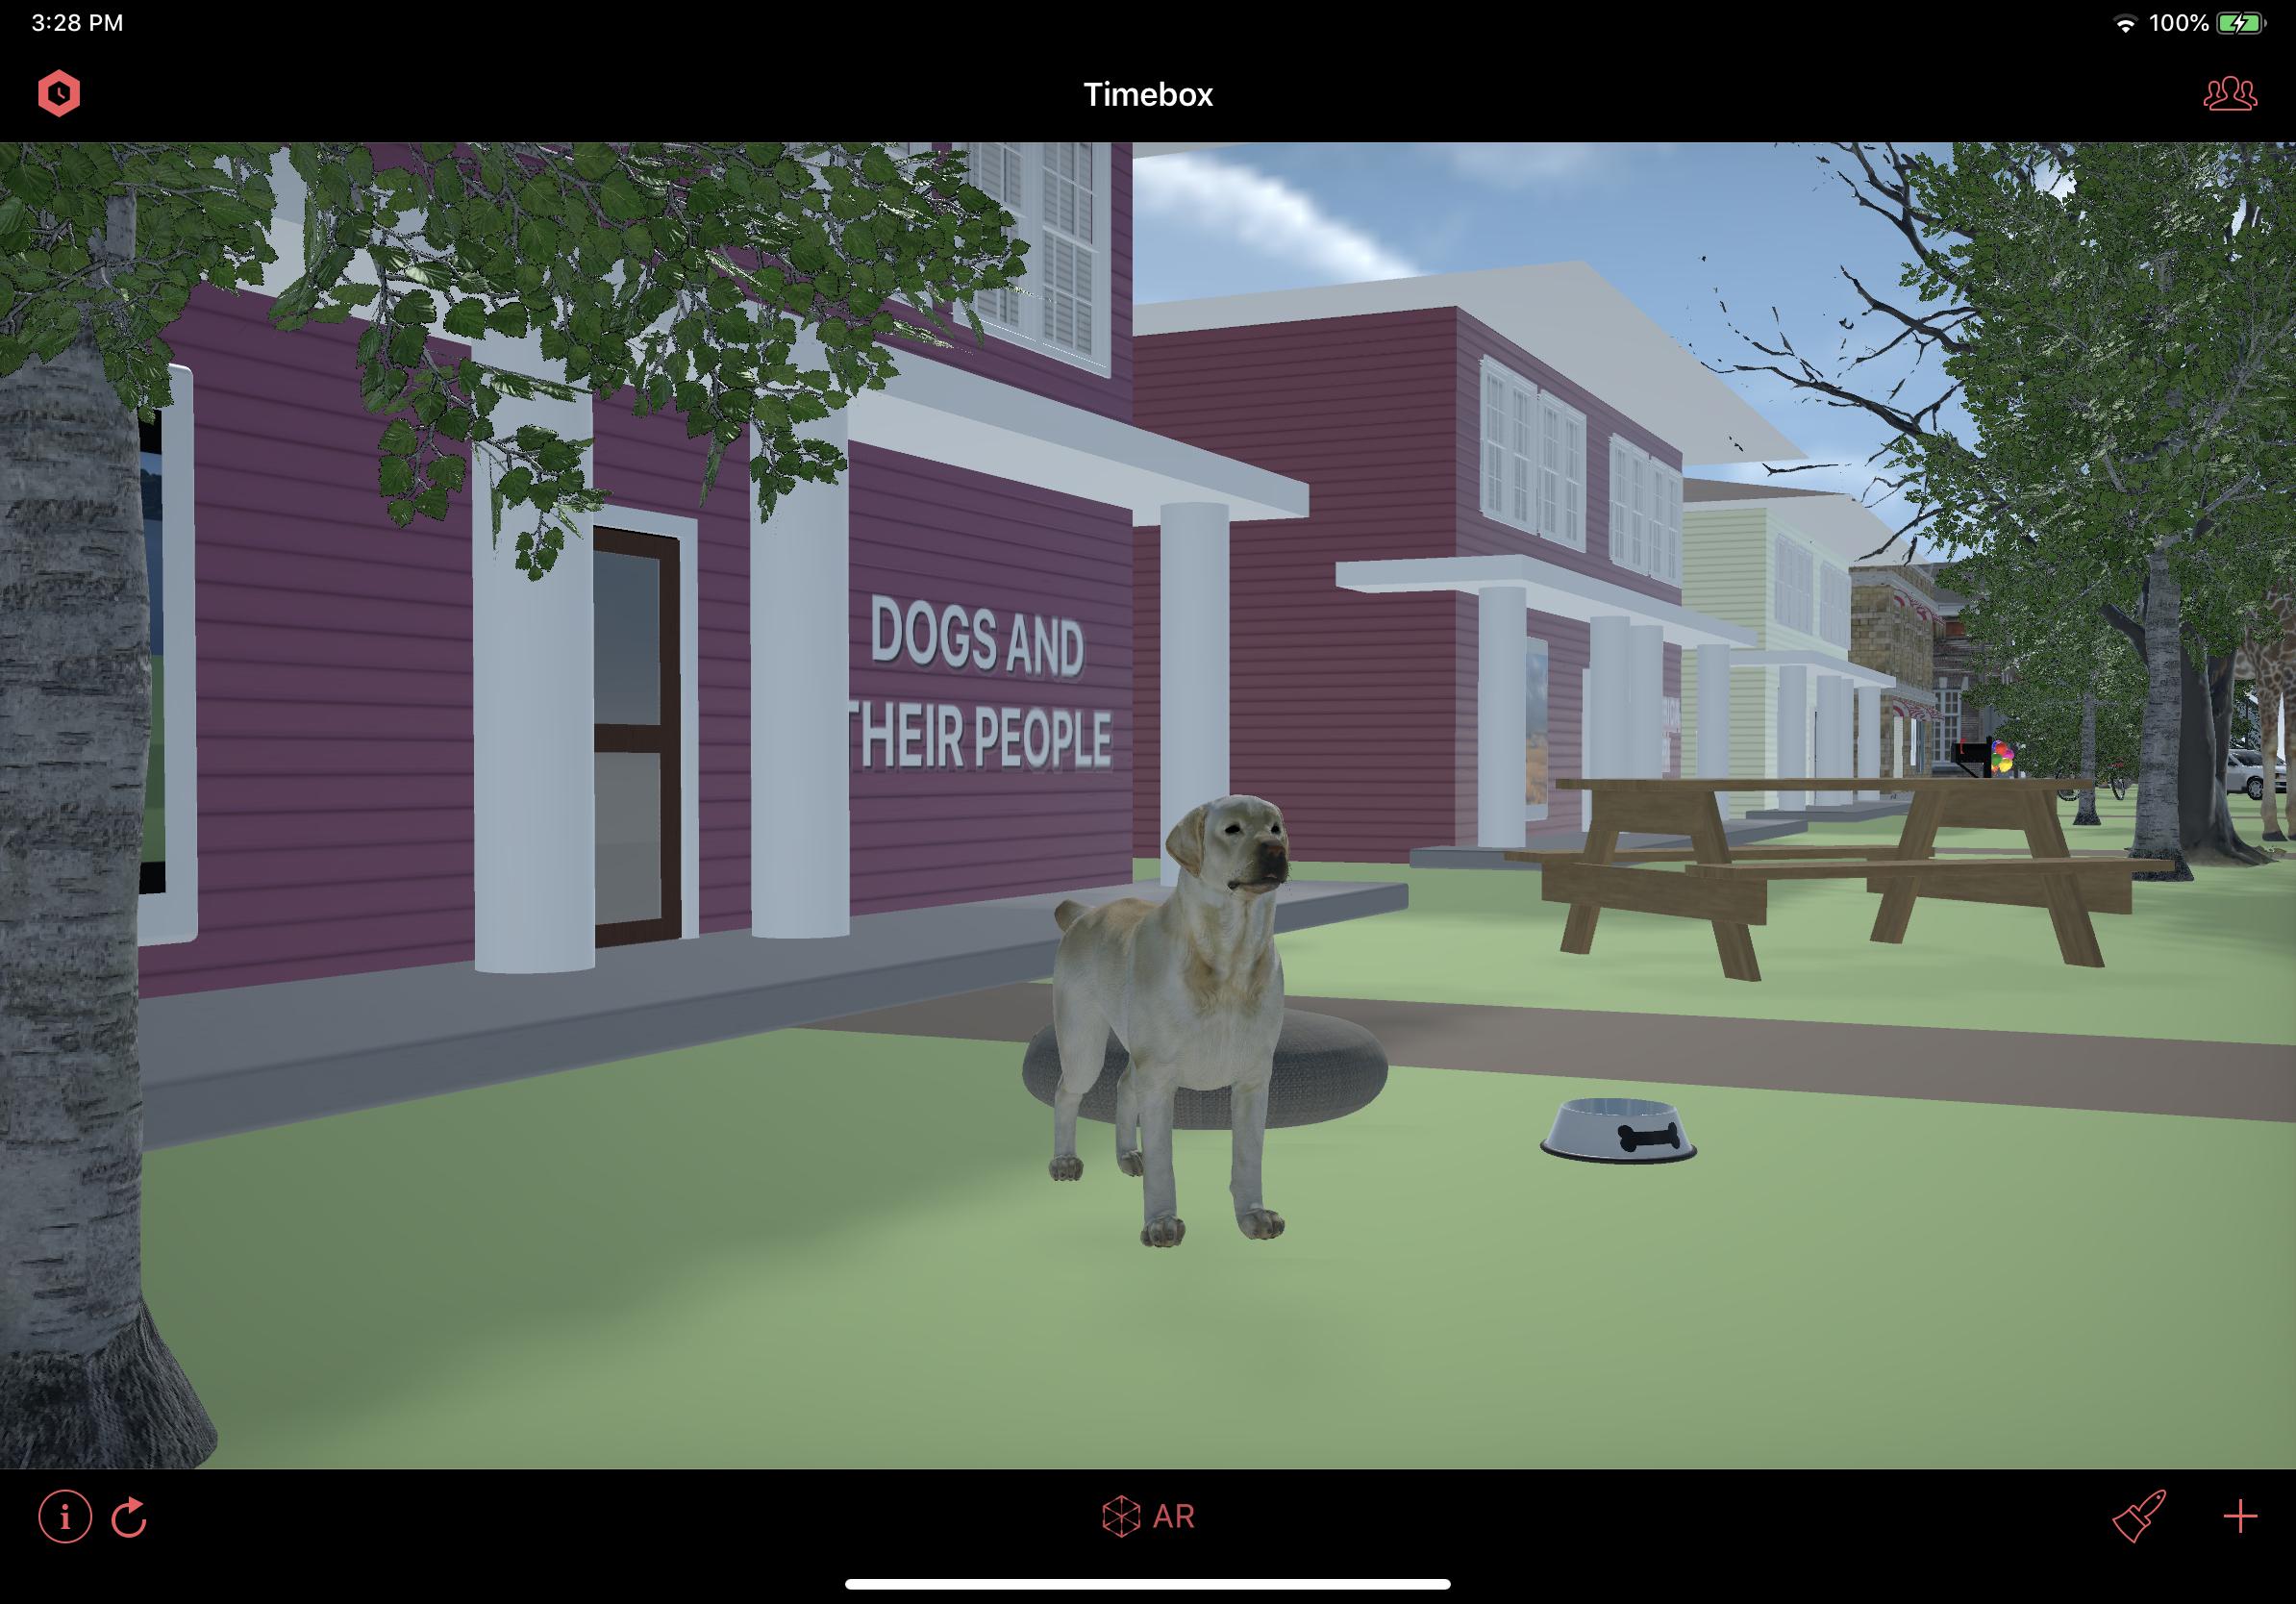 New Labrador Retriever 3D model